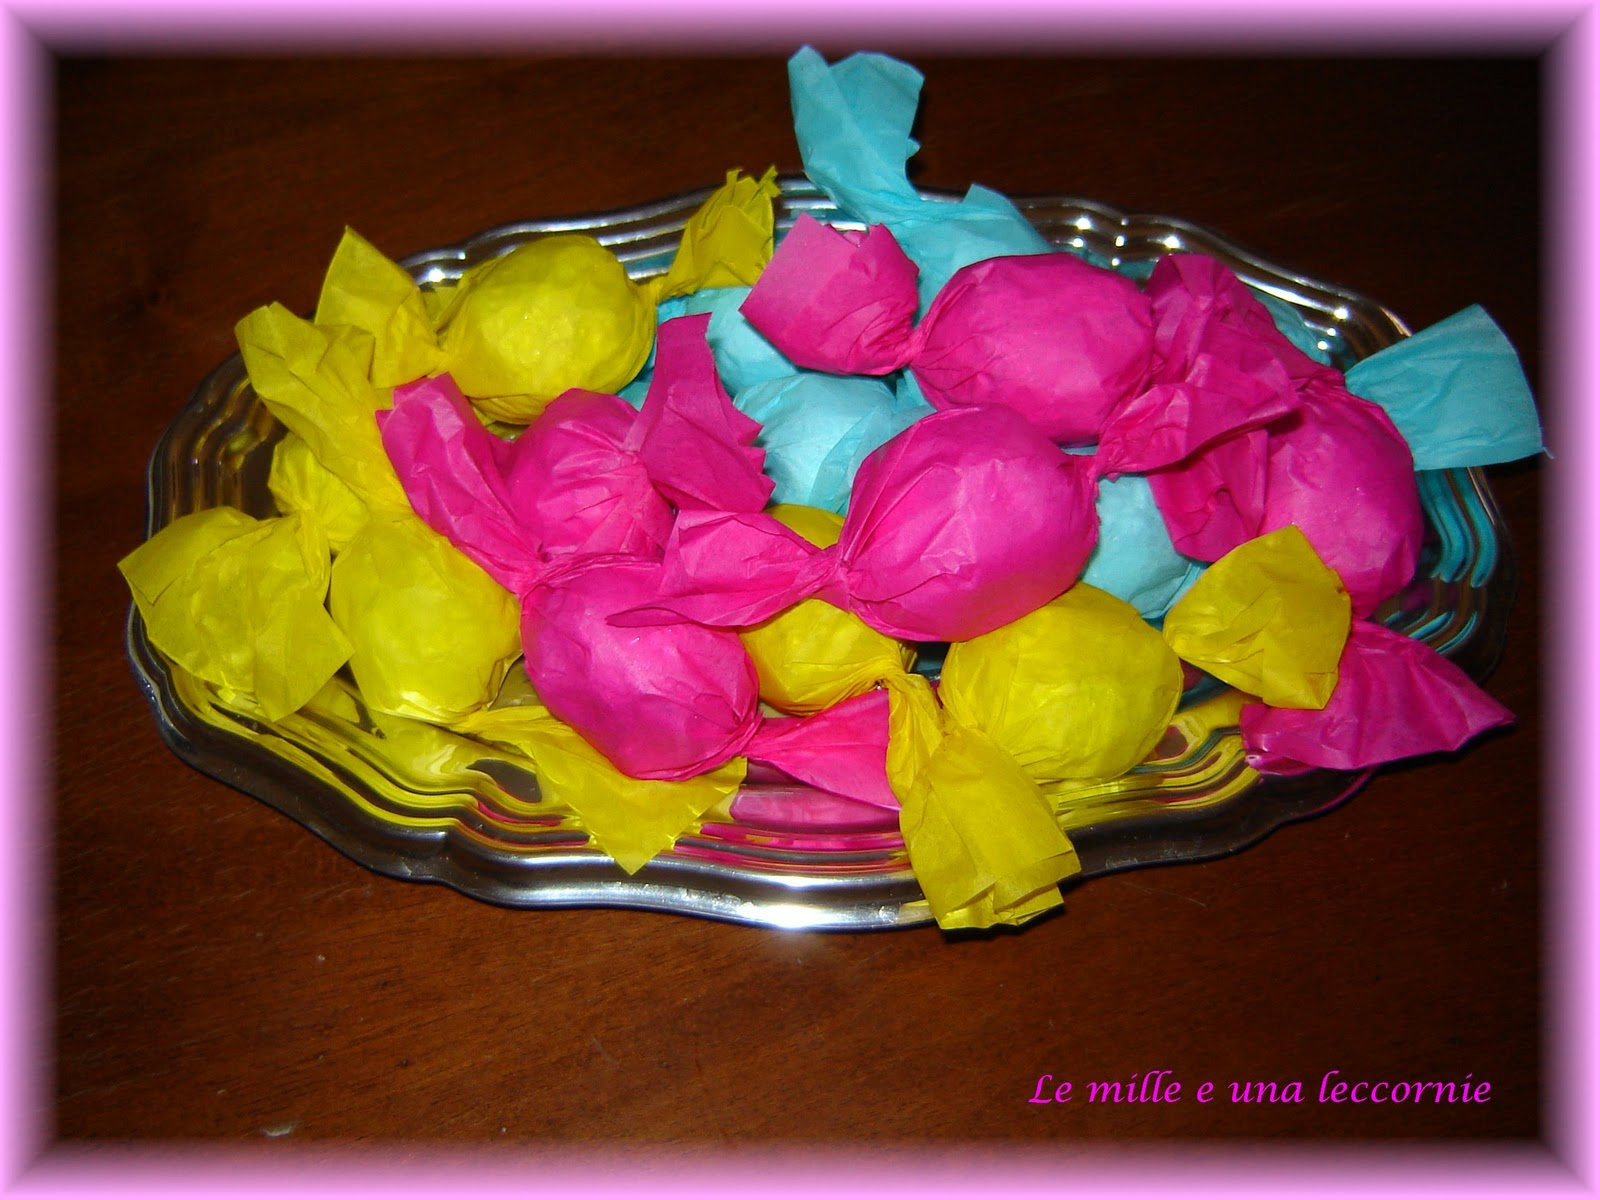 http://4.bp.blogspot.com/-1vN1I5NxrFo/TpyLNrr7eeI/AAAAAAAAARE/ZvA8FV9X0lU/s1600/DSC03718.JPG